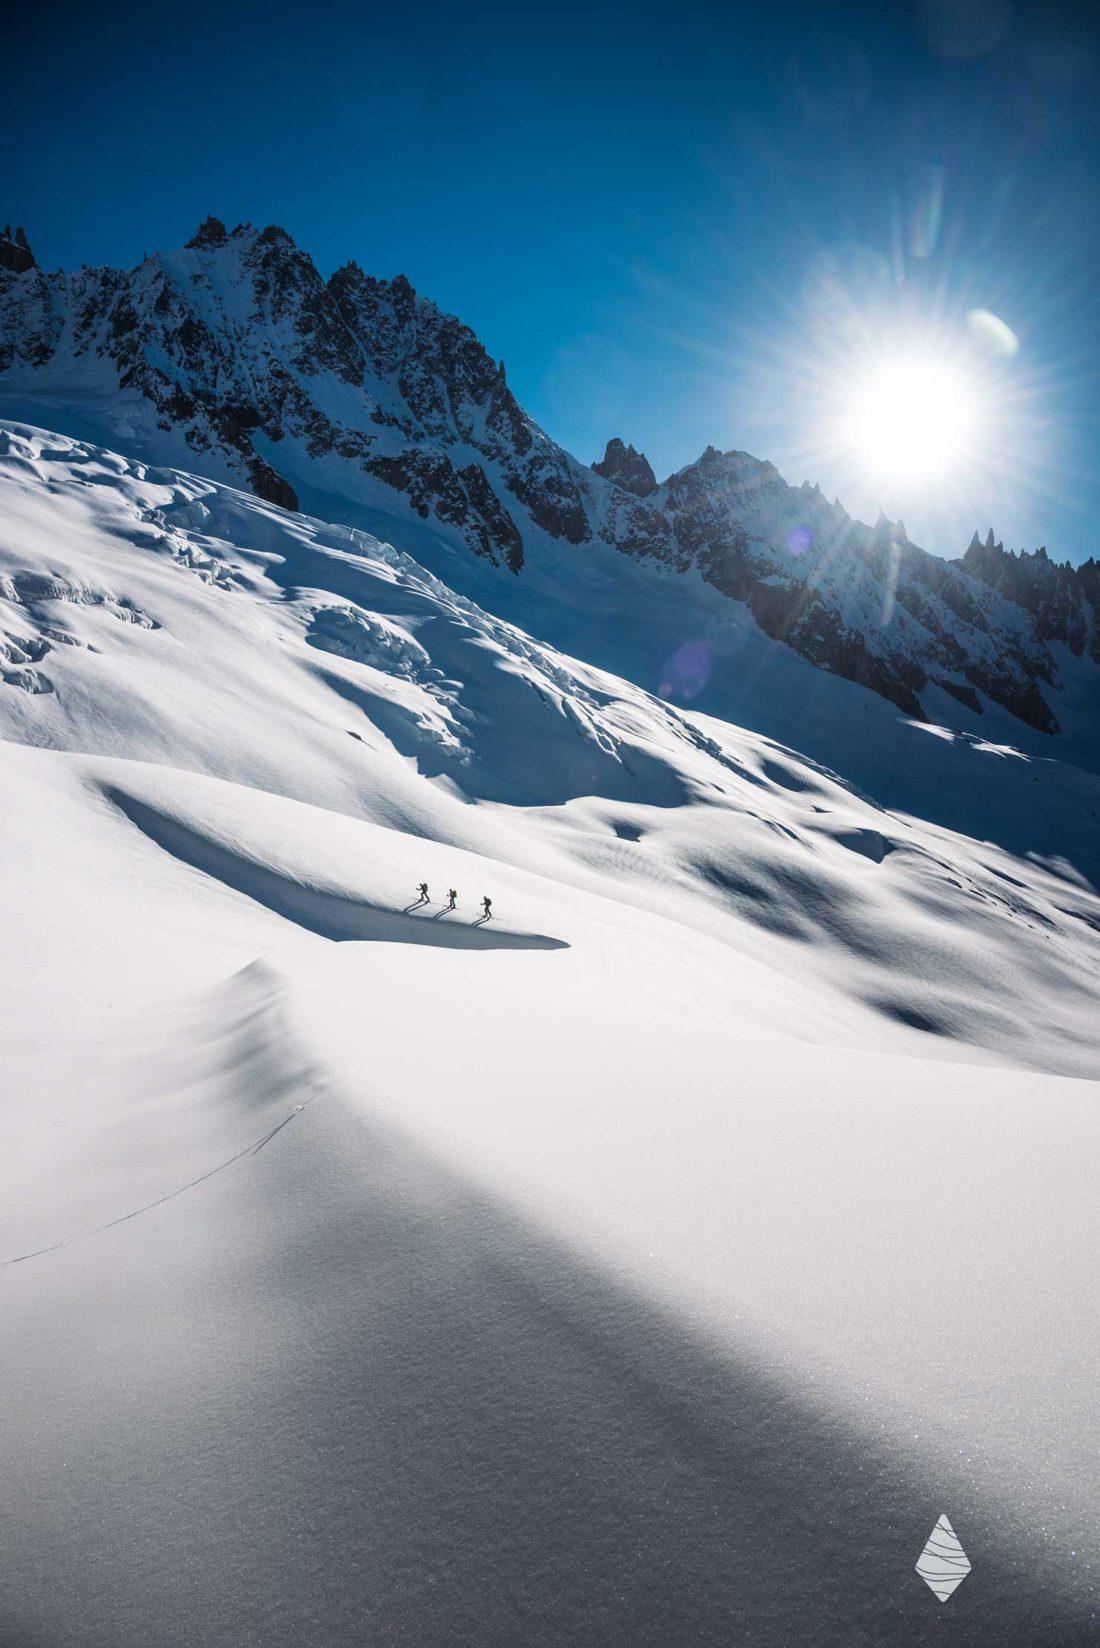 Photo de randonneurs en ski de randonnée au glacier de Talèfre dans le massif du Mont-Blanc.